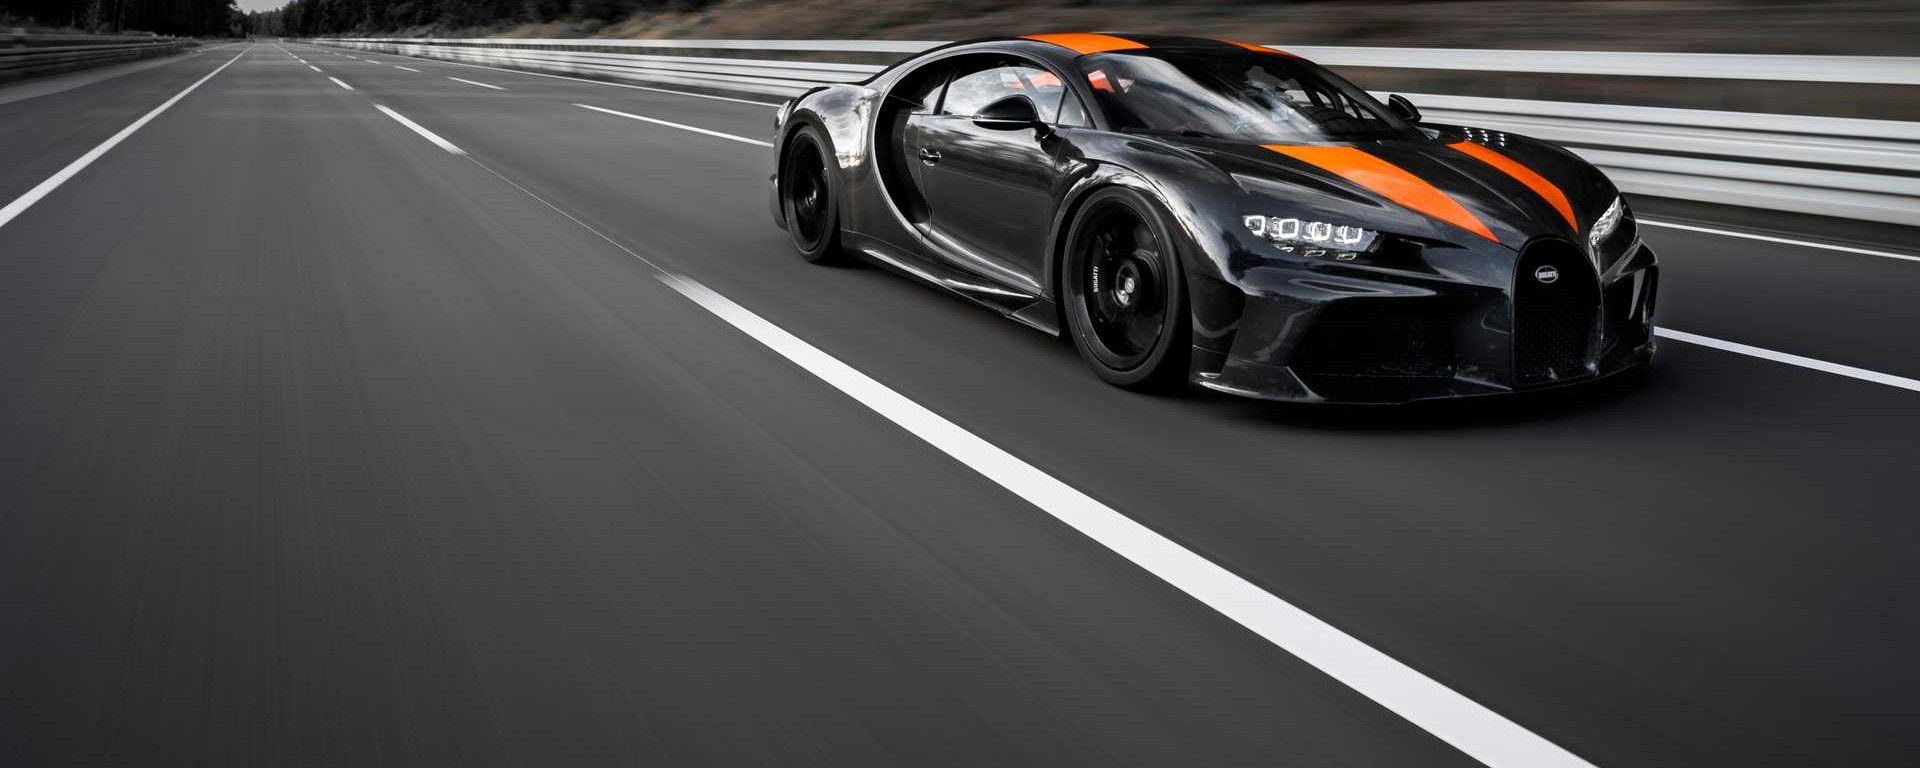 Bugatti Chiron: il record a Ehra Lessien